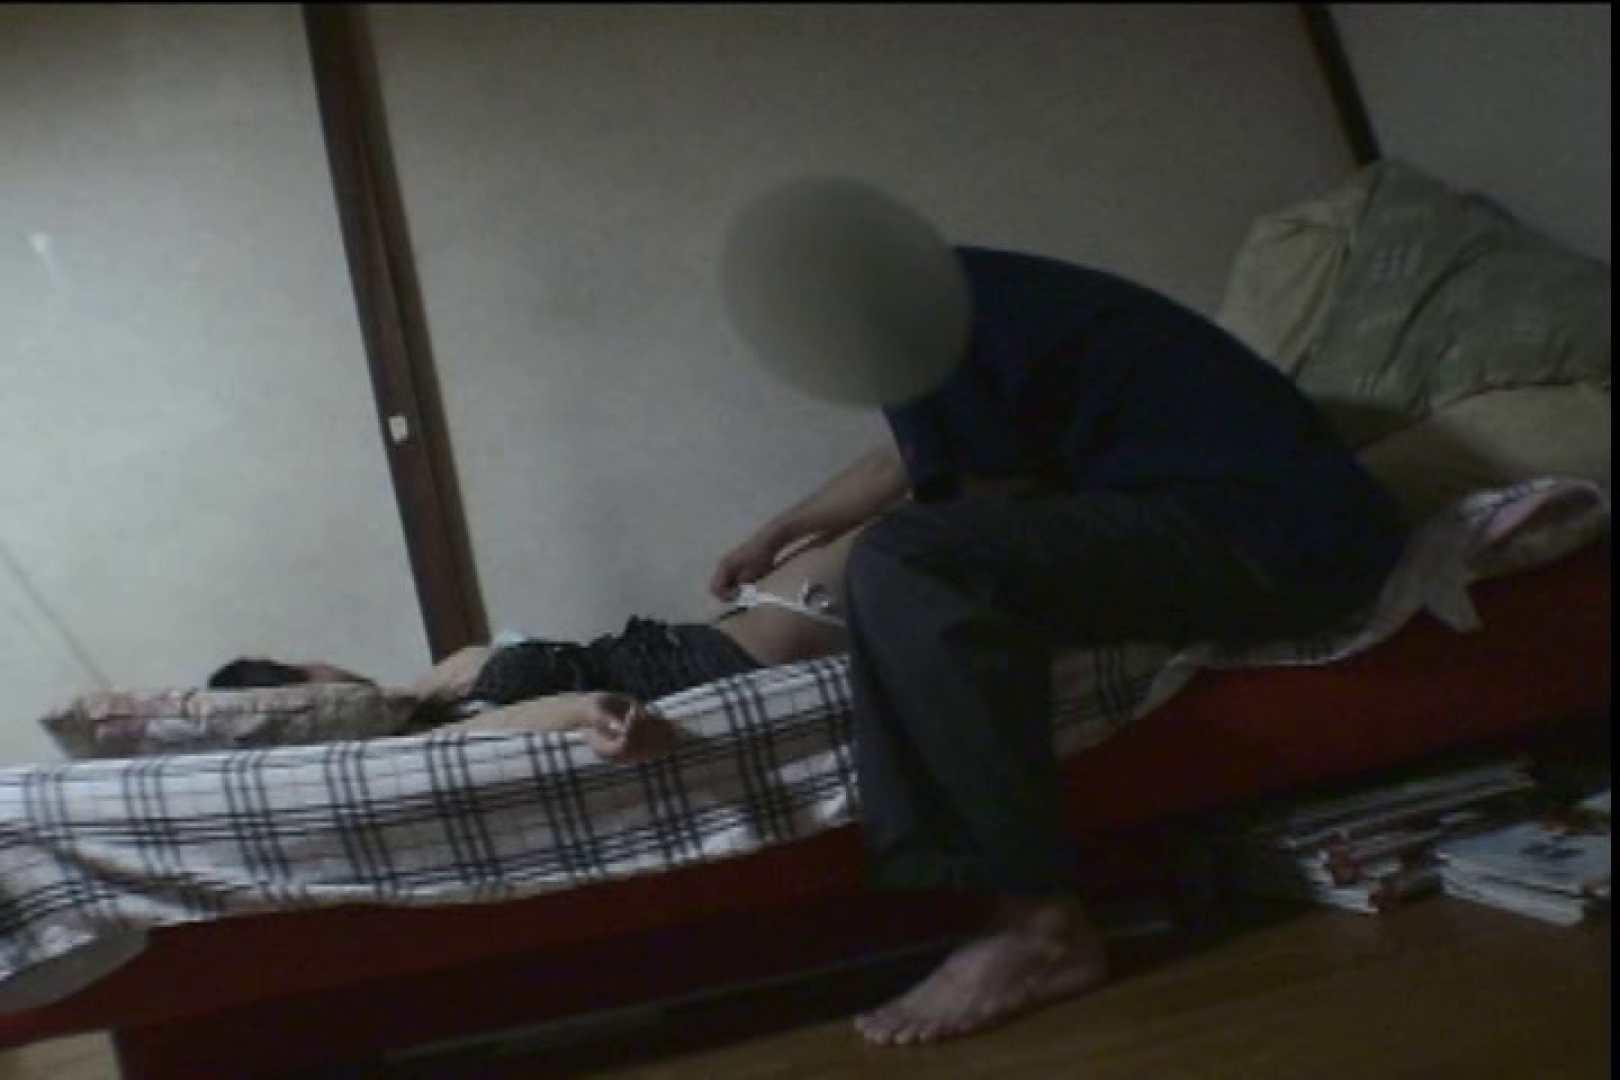 れる泥酔女5 女子の厠 われめAV動画紹介 96pic 39